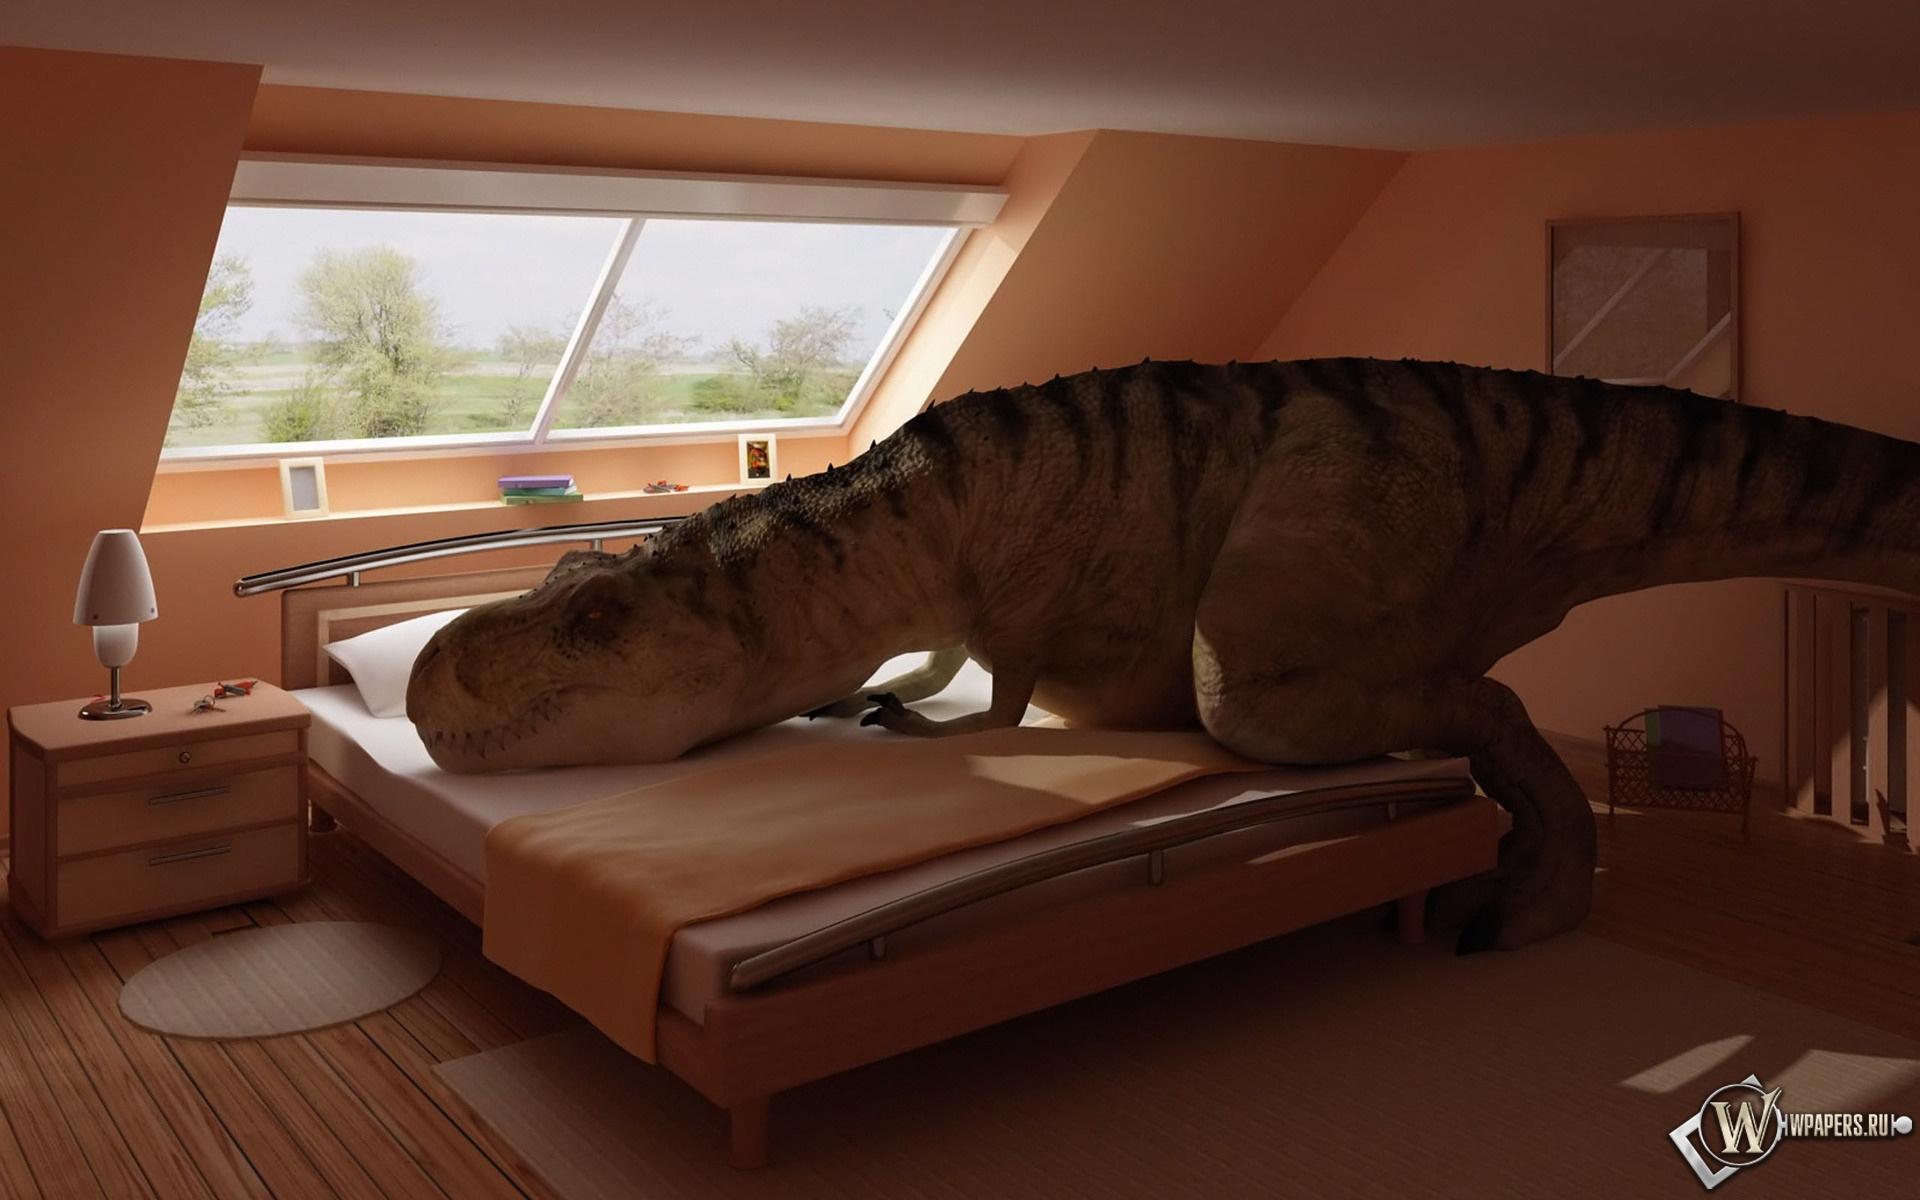 Динозавр отдыхает 1920x1200